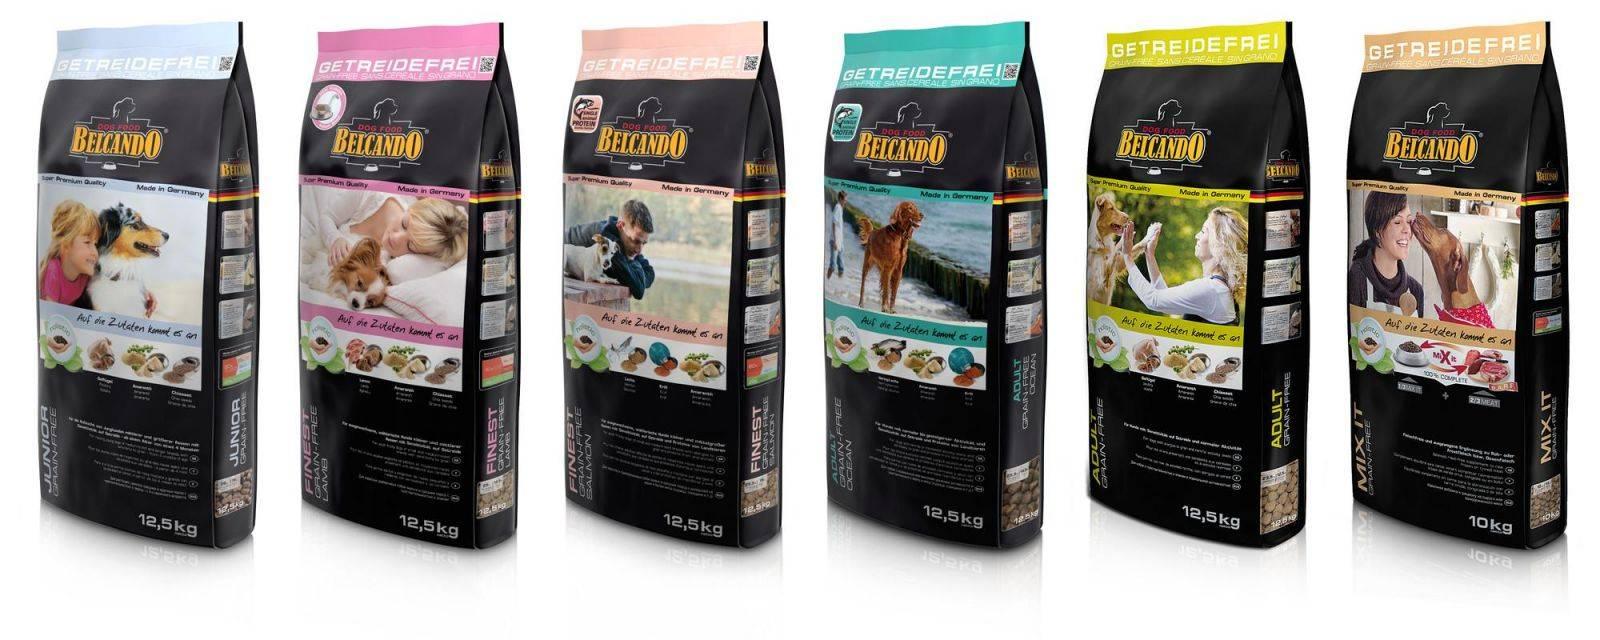 Корм для собак belcando: отзывы, разбор состава, цена - петобзор